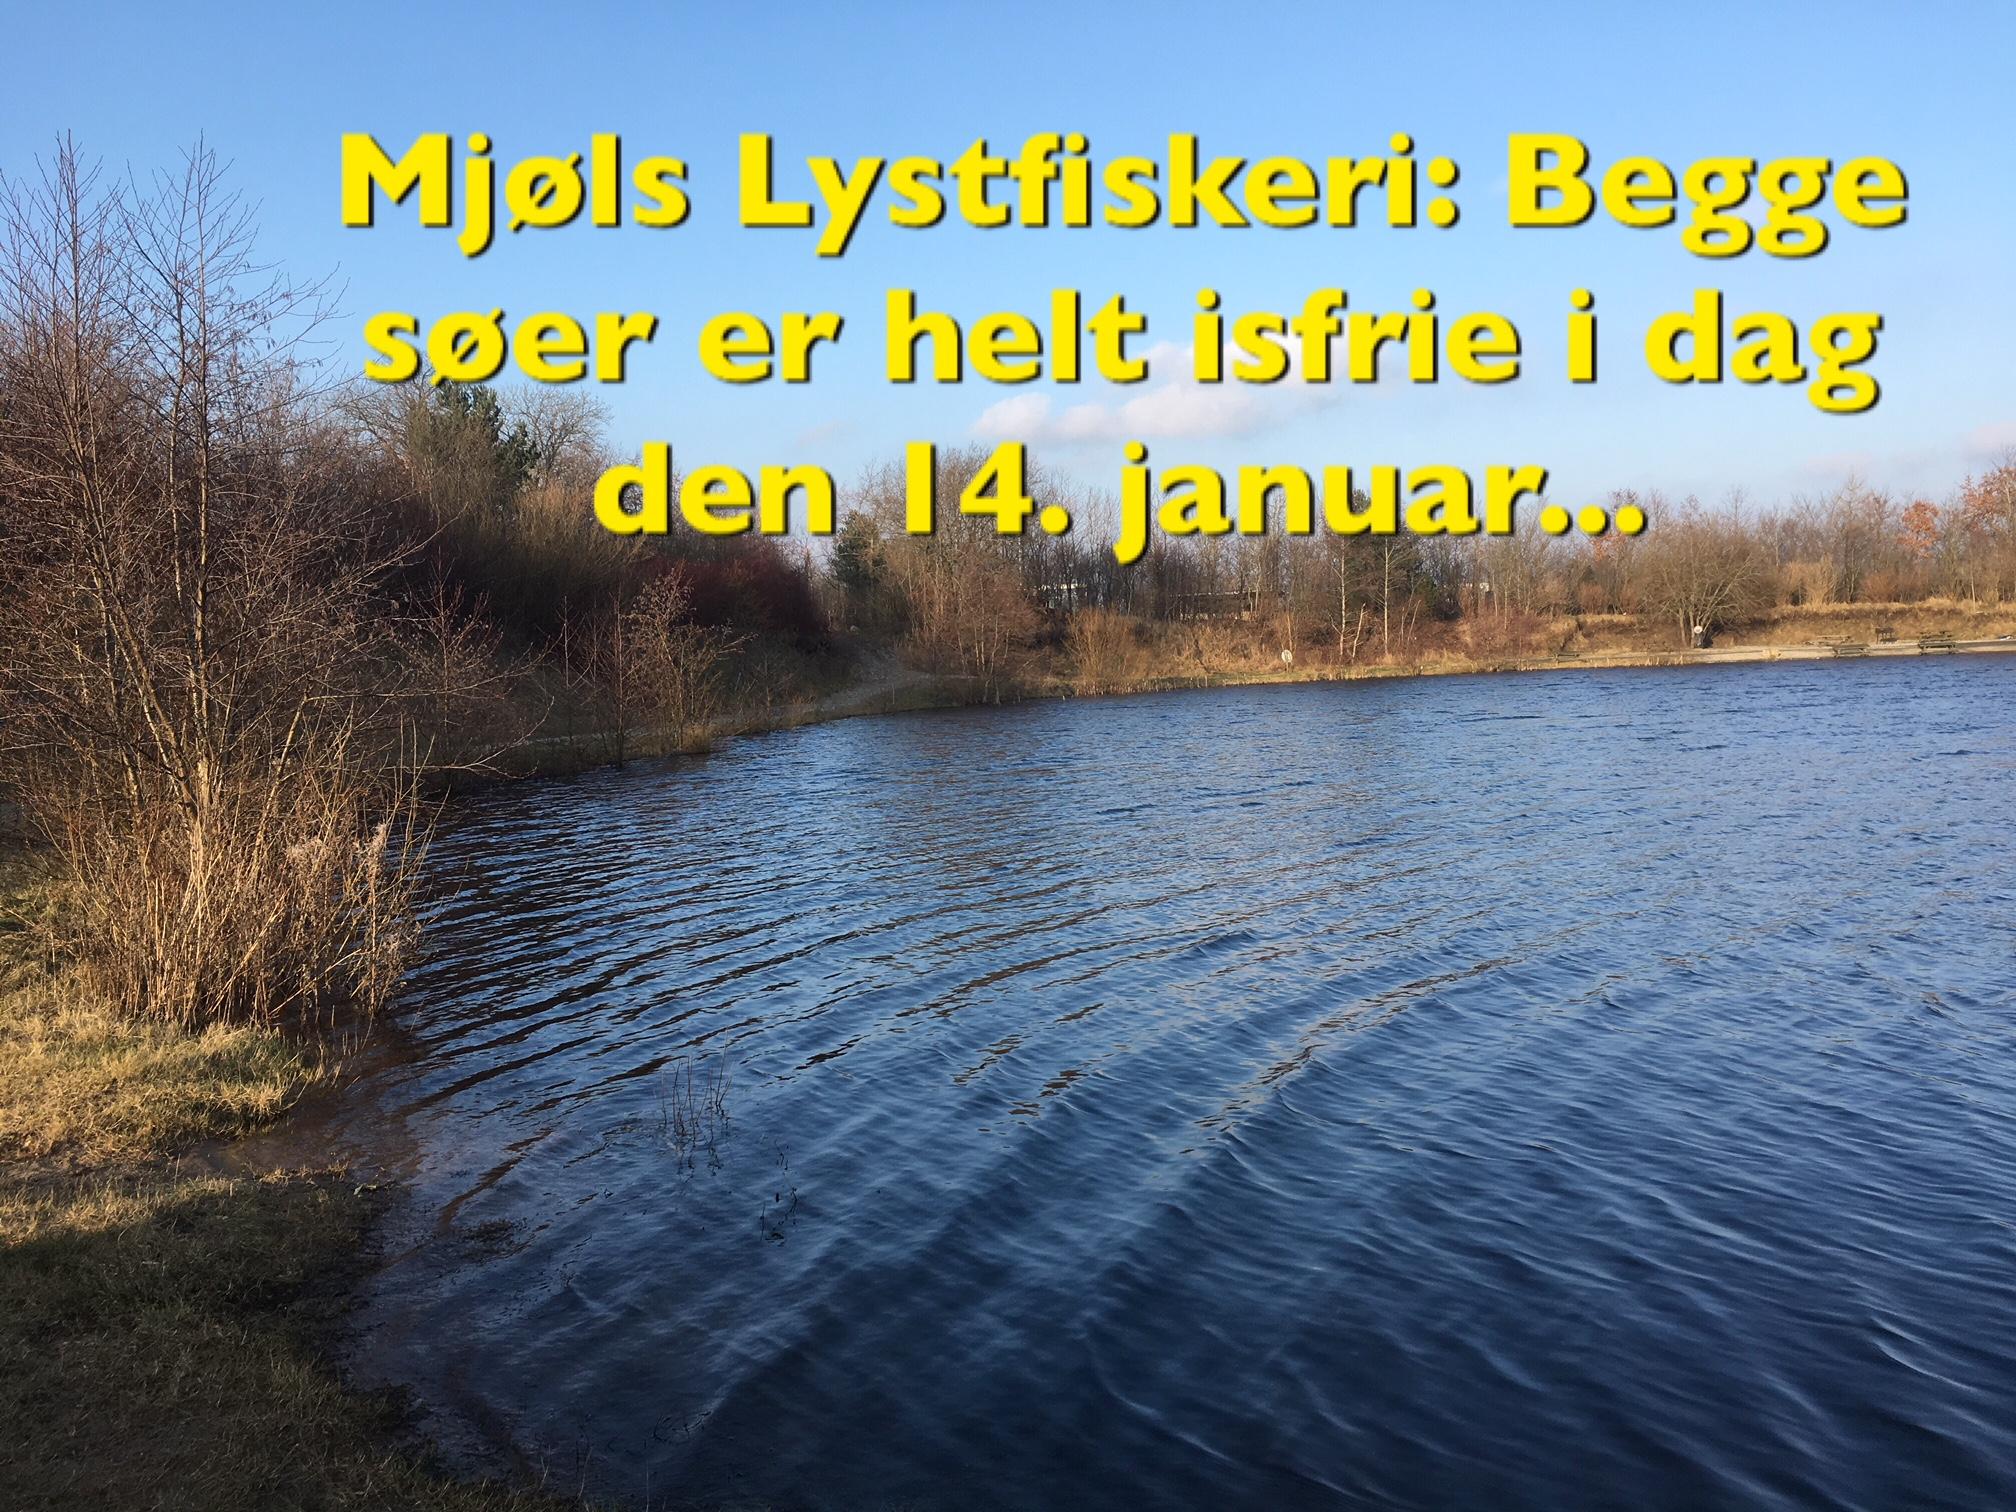 FANG DIN FISK TIL MIDDAG i Mjøls Lystfiskeri